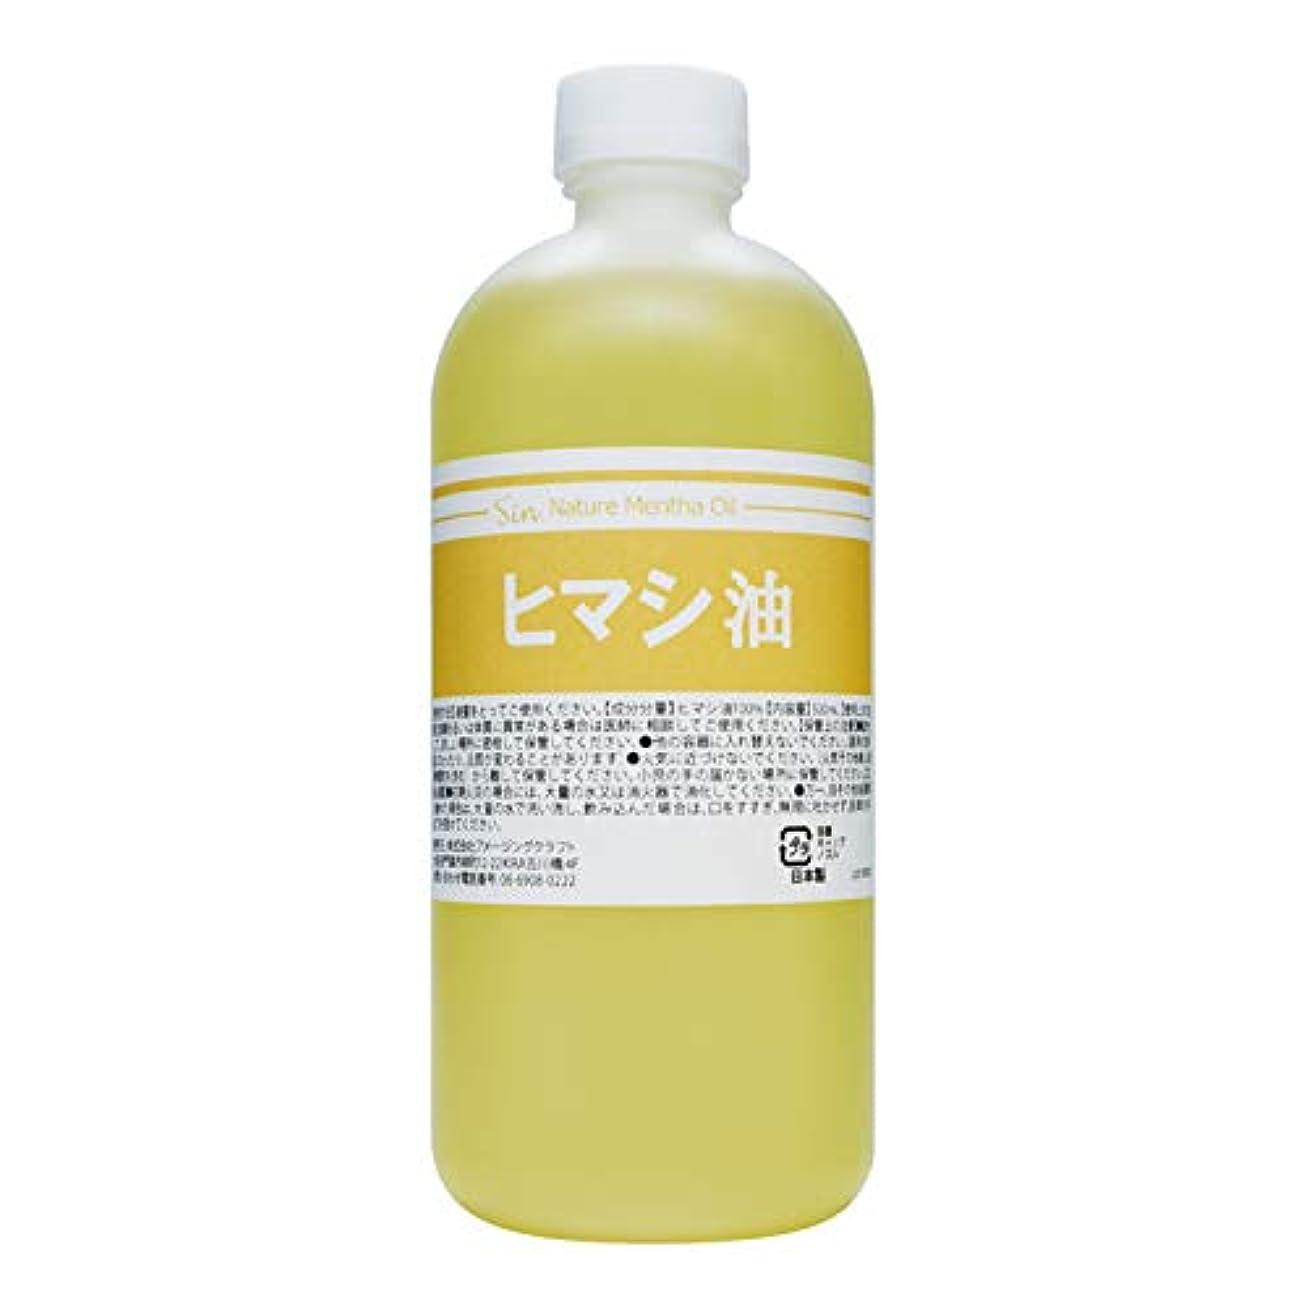 専制モニターレイアウト天然無添加 国内精製 ひまし油 500ml (ヒマシ油 キャスターオイル)